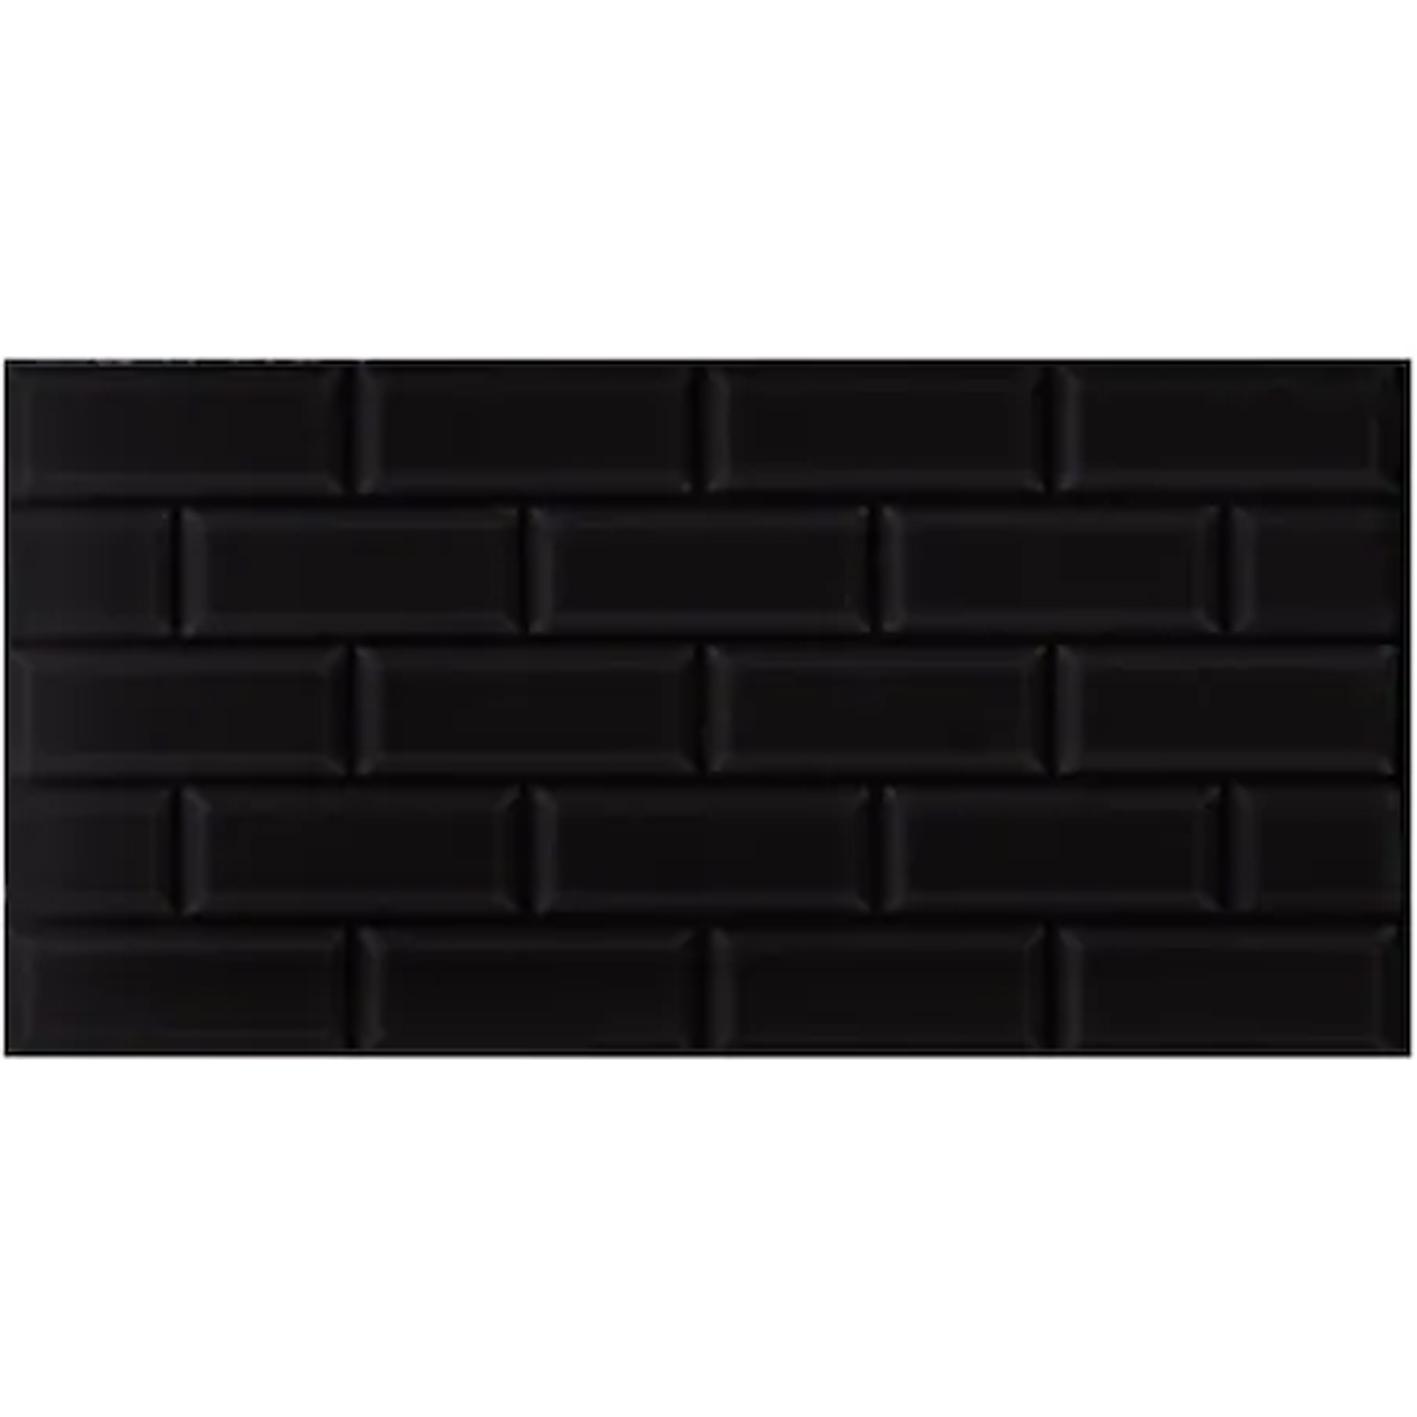 Lotus Siyah Tezgah Arası Seramik 30x60 1paket/1,62m²